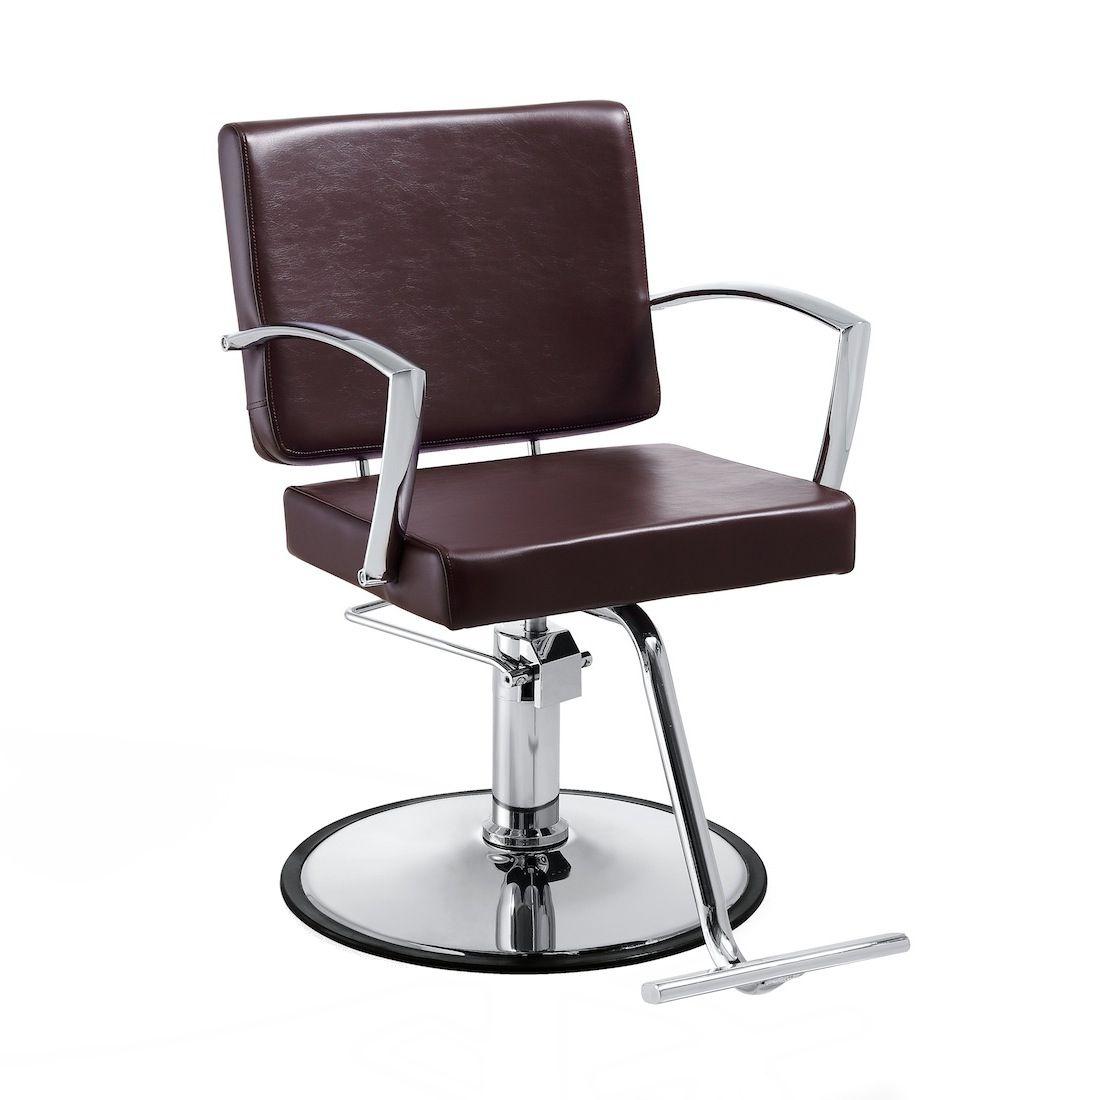 The Duke Salon Chair 199 Salon Chairs Salon Styling Chairs Hair Salon Chairs